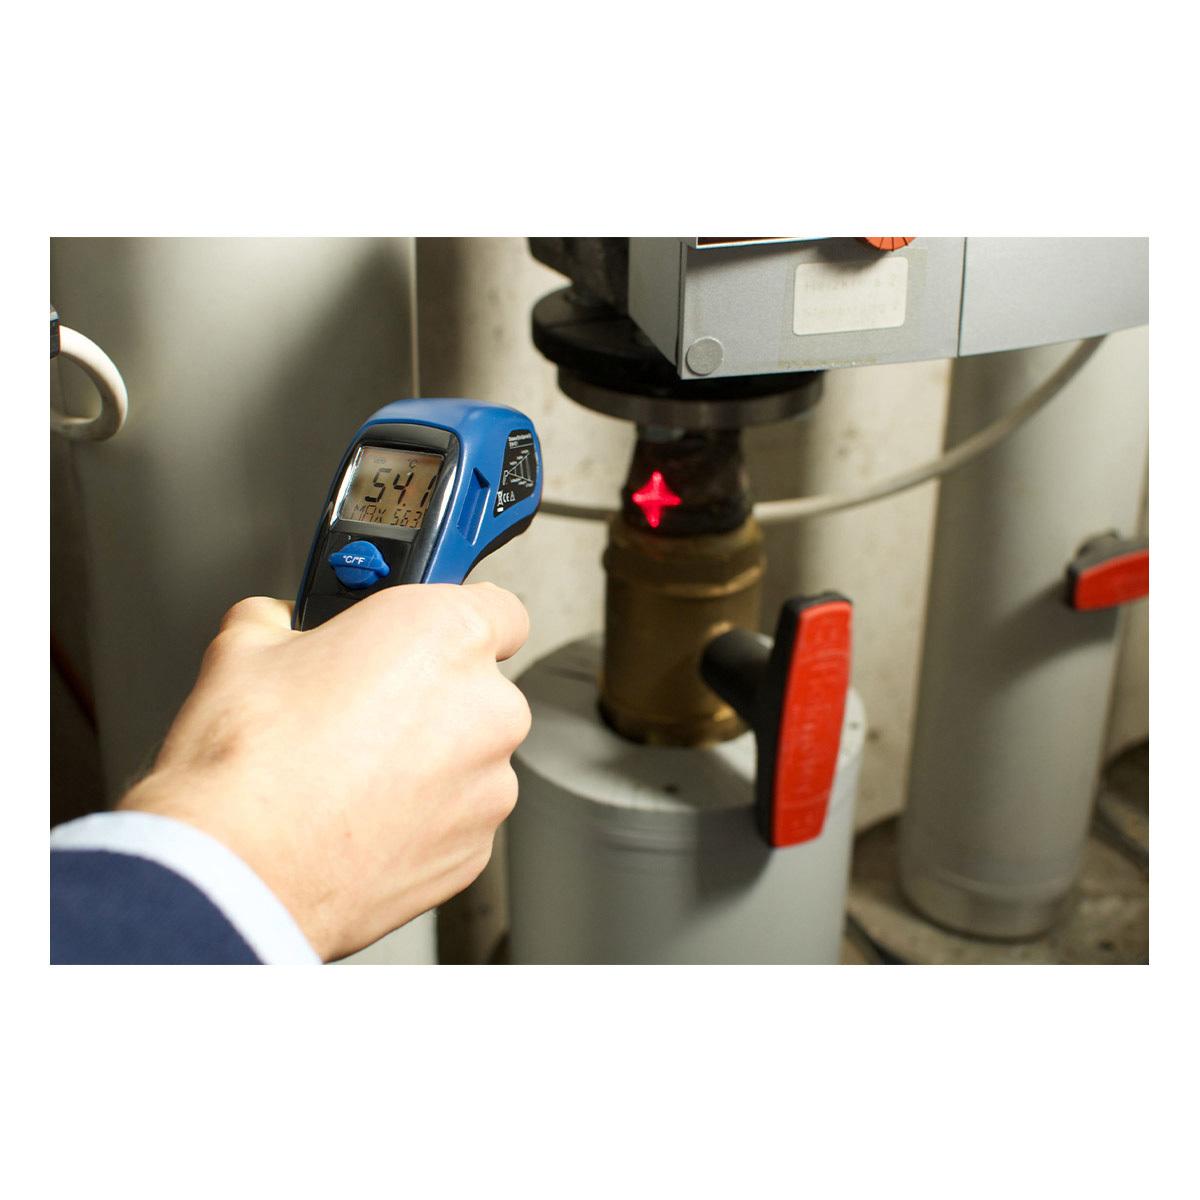 31-1131-infrarot-thermometer-multi-beam-anwendung1-1200x1200px.jpg